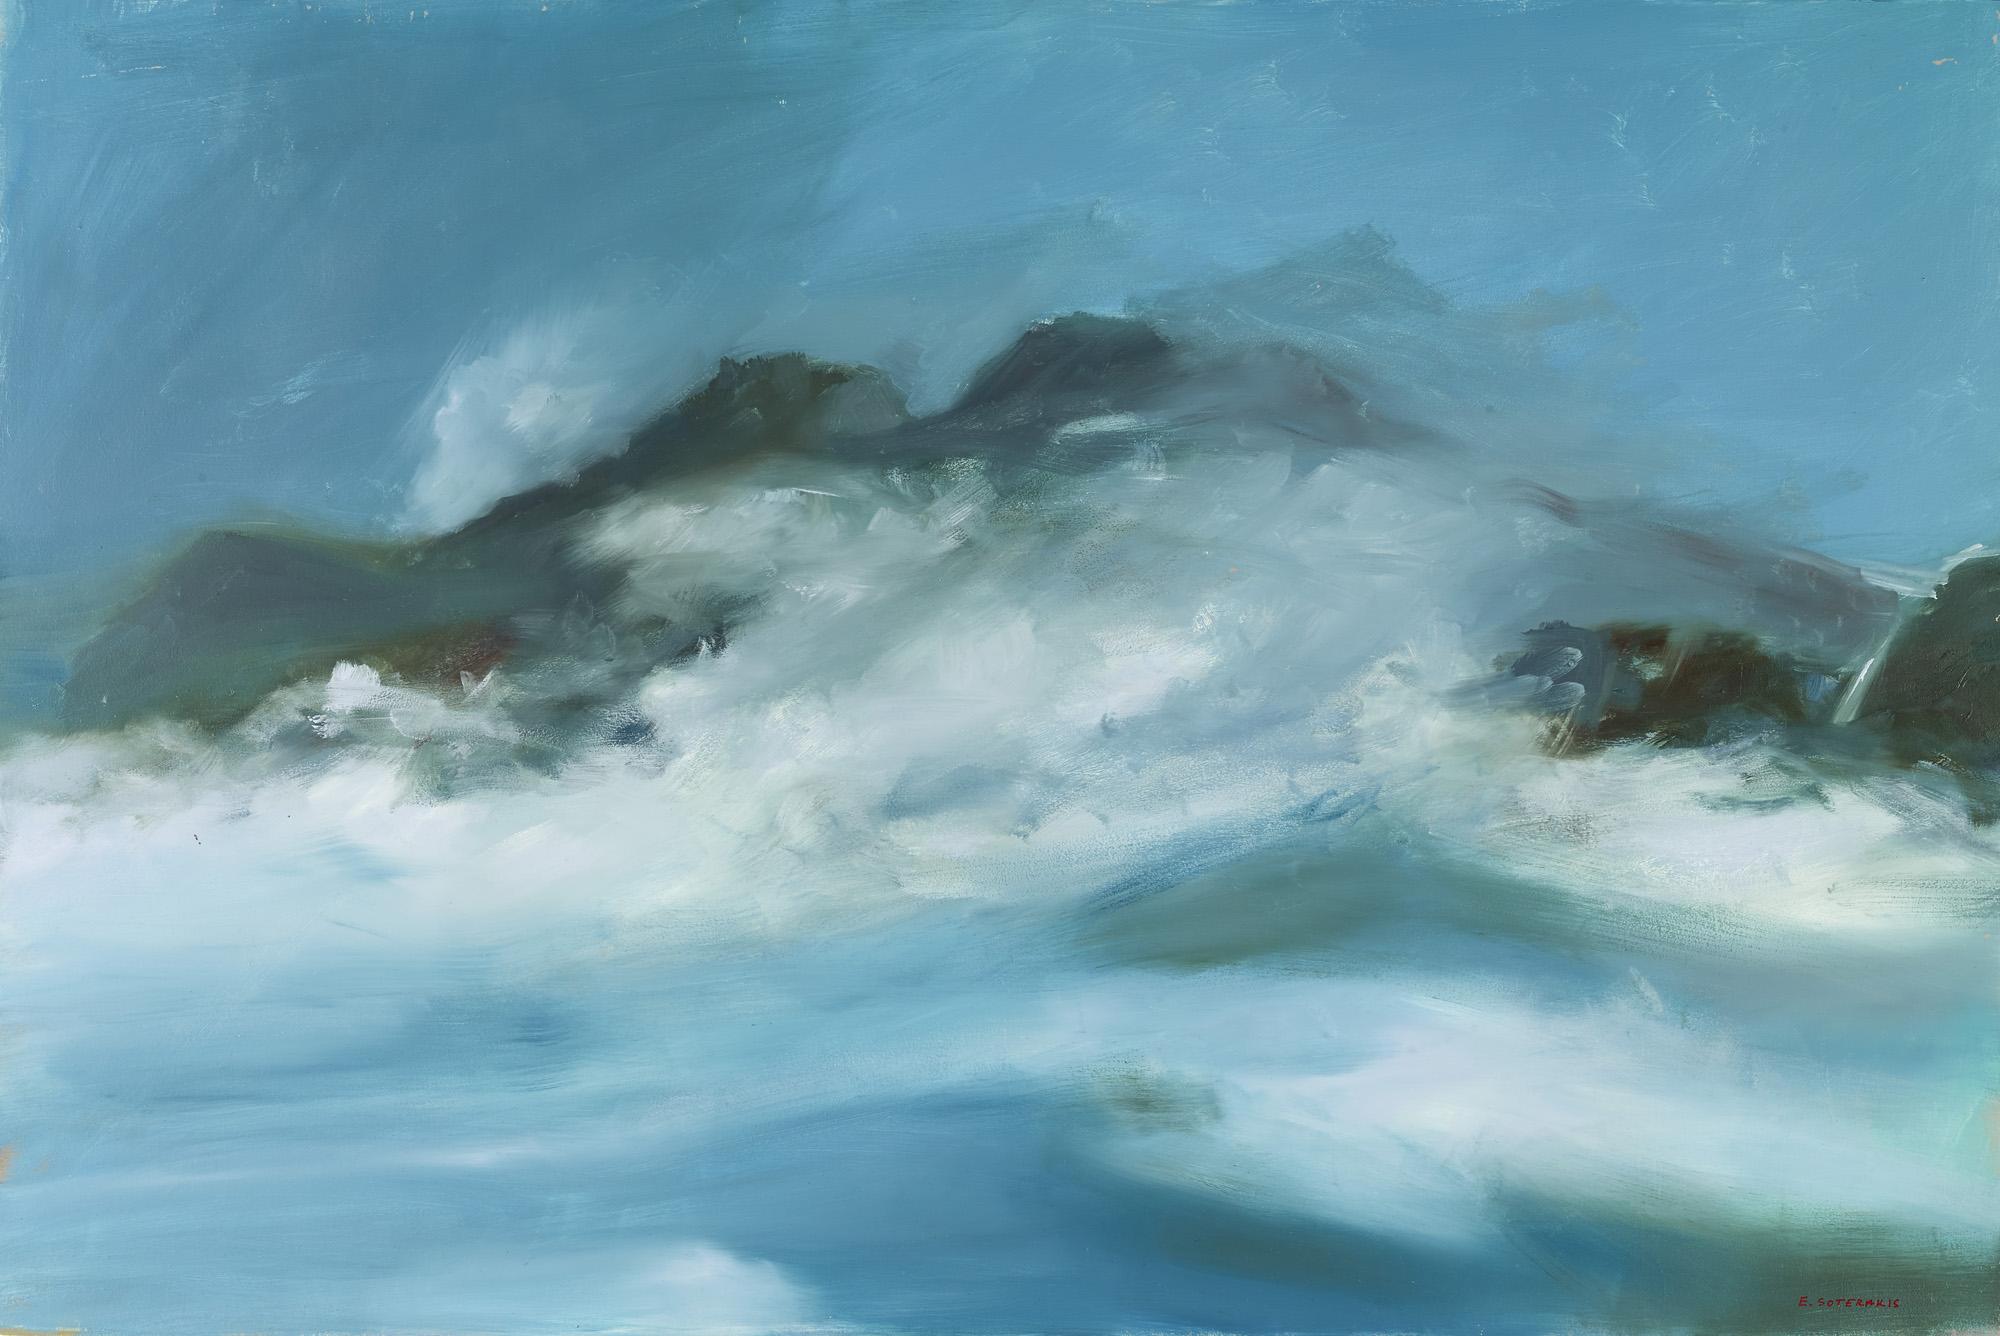 Tumultuous Seas, #3, 2013 oil on panel 24 x 36 in.